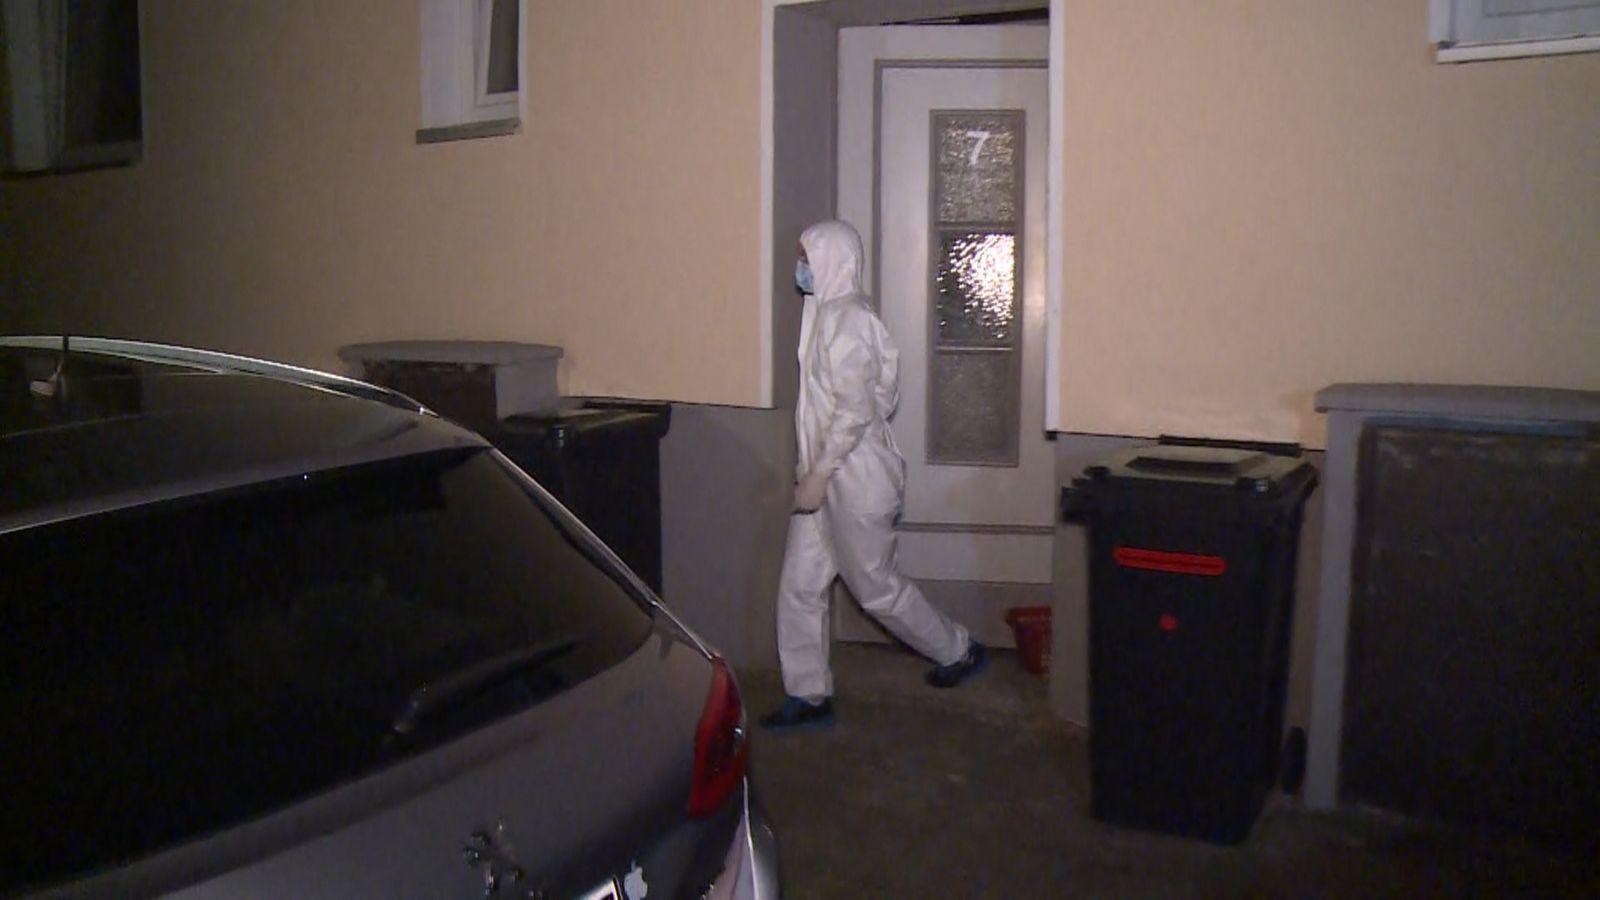 53-Jährige tot in Wohnung gefunden